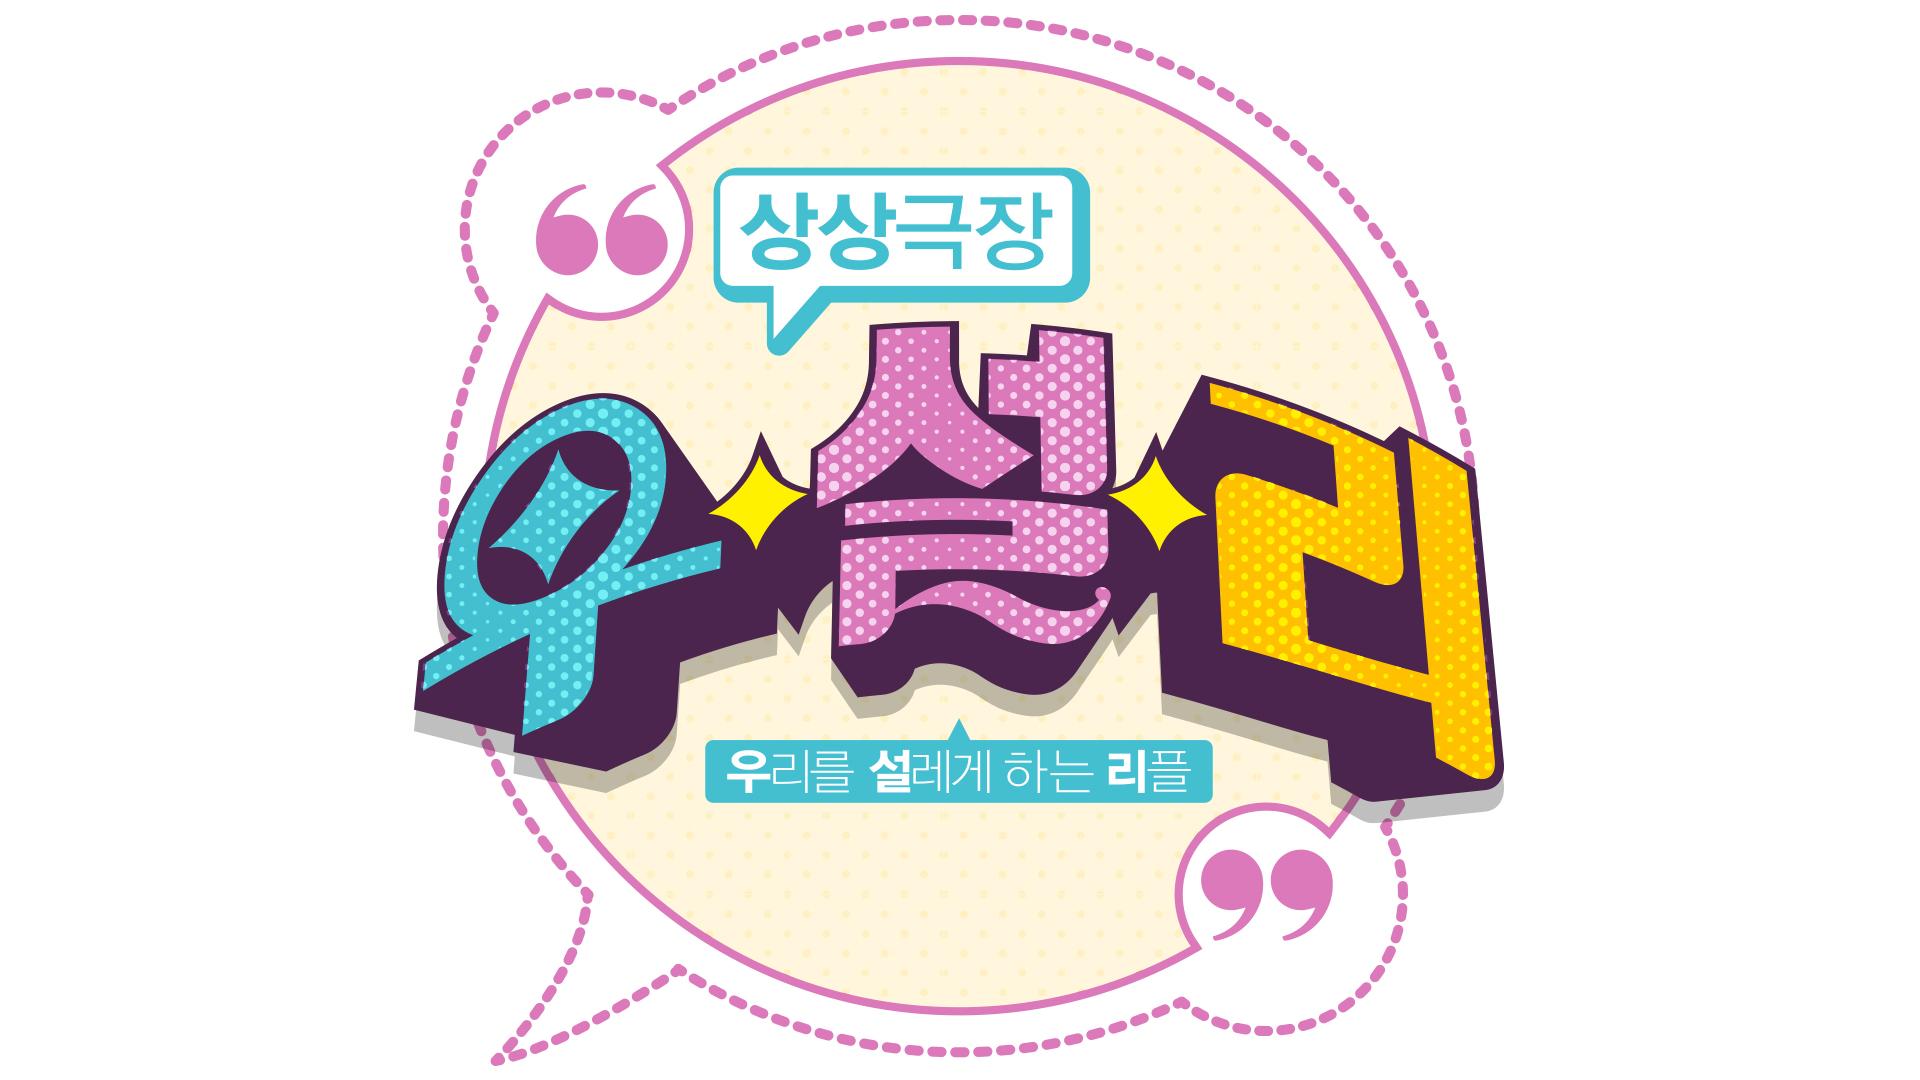 MBC 상상극장- 우설리 (우리를설레게하는리플)